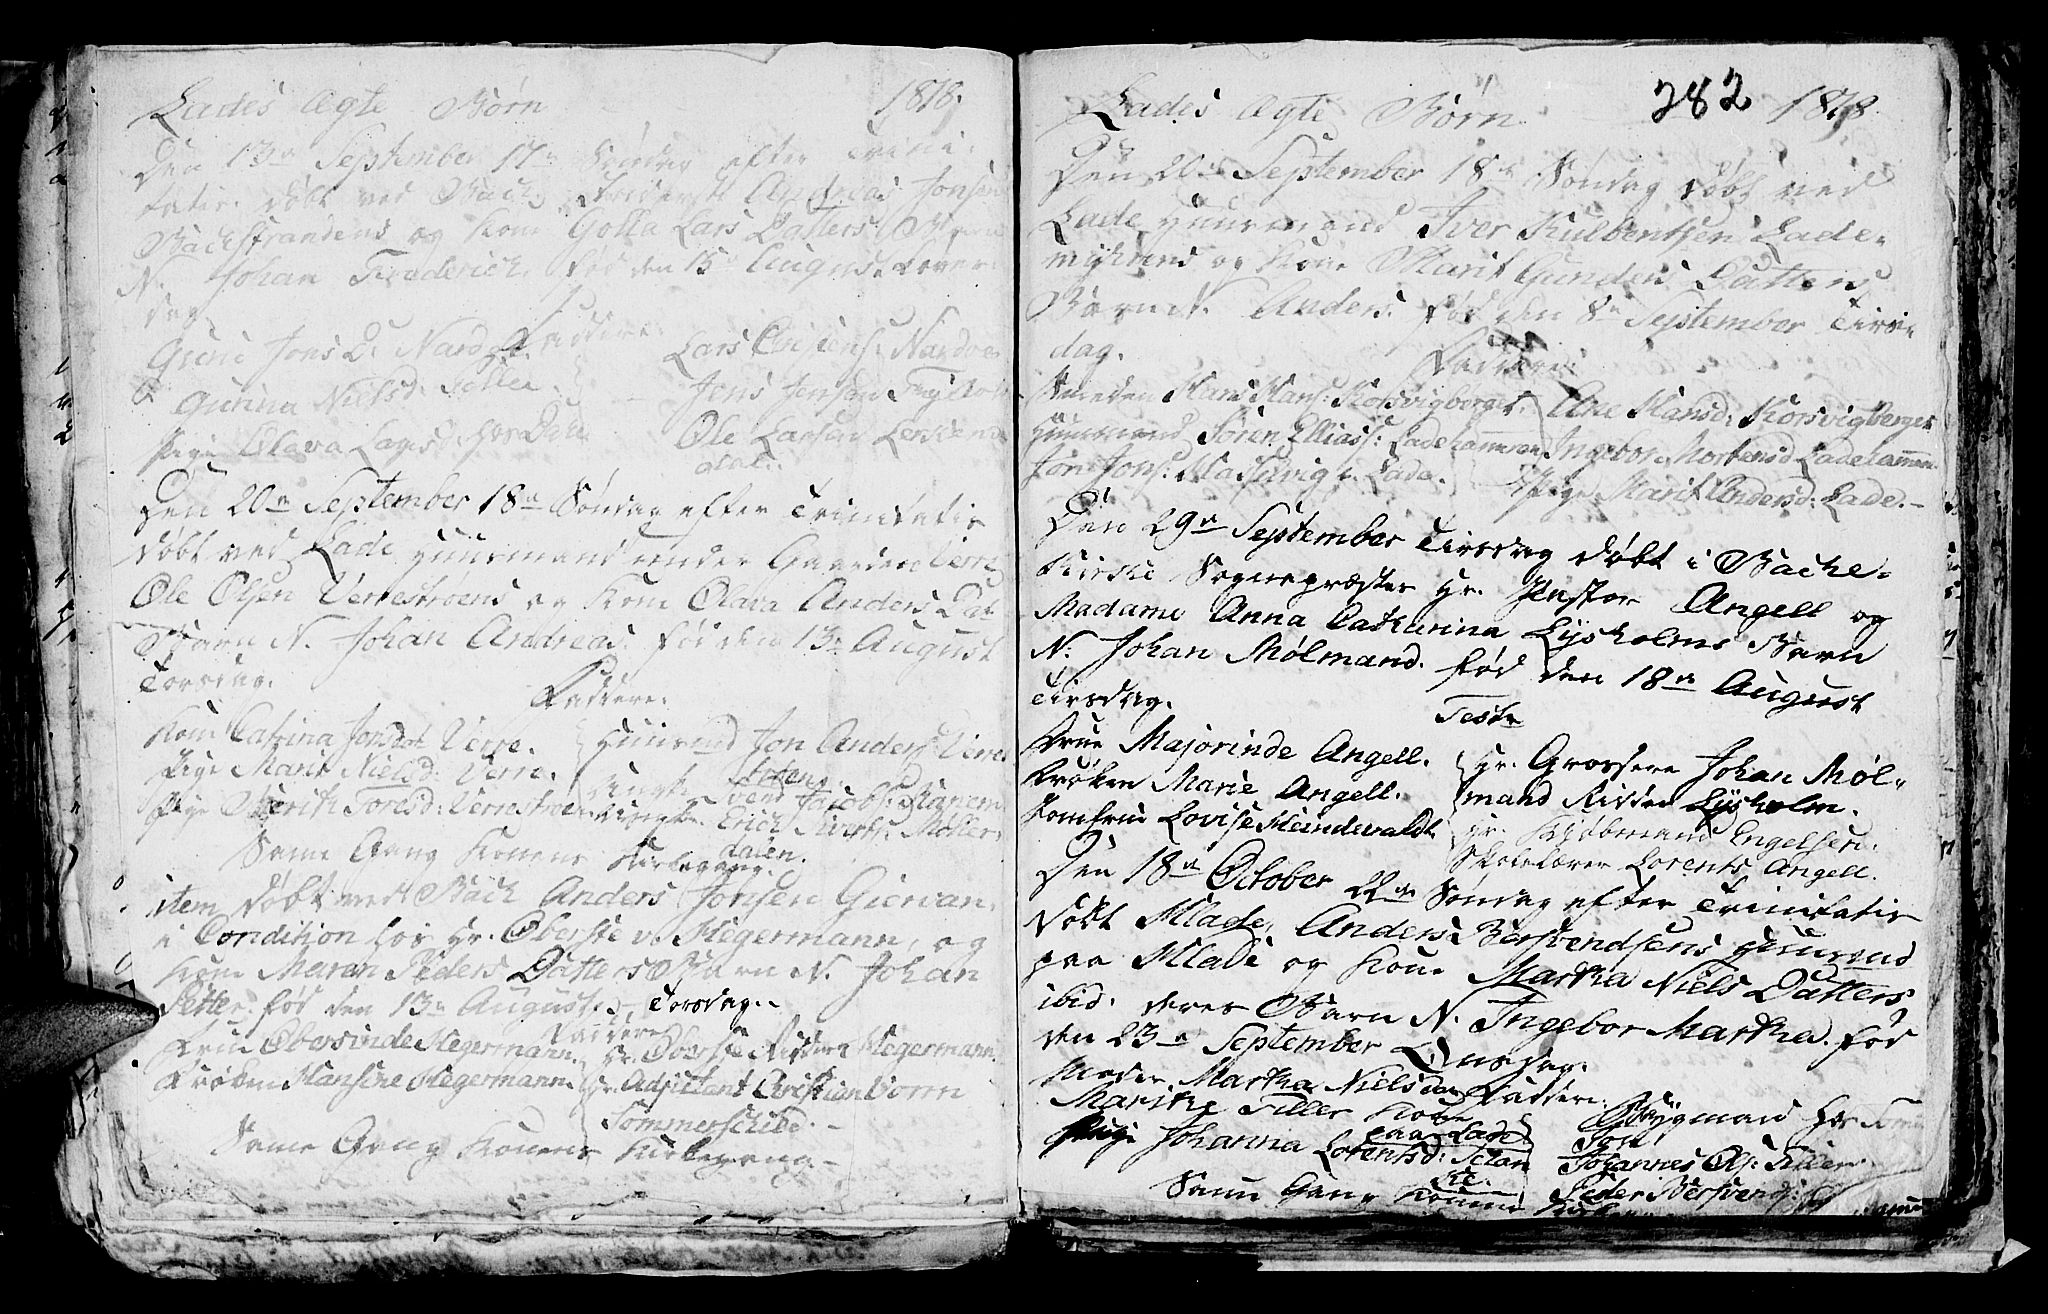 SAT, Ministerialprotokoller, klokkerbøker og fødselsregistre - Sør-Trøndelag, 606/L0305: Klokkerbok nr. 606C01, 1757-1819, s. 282